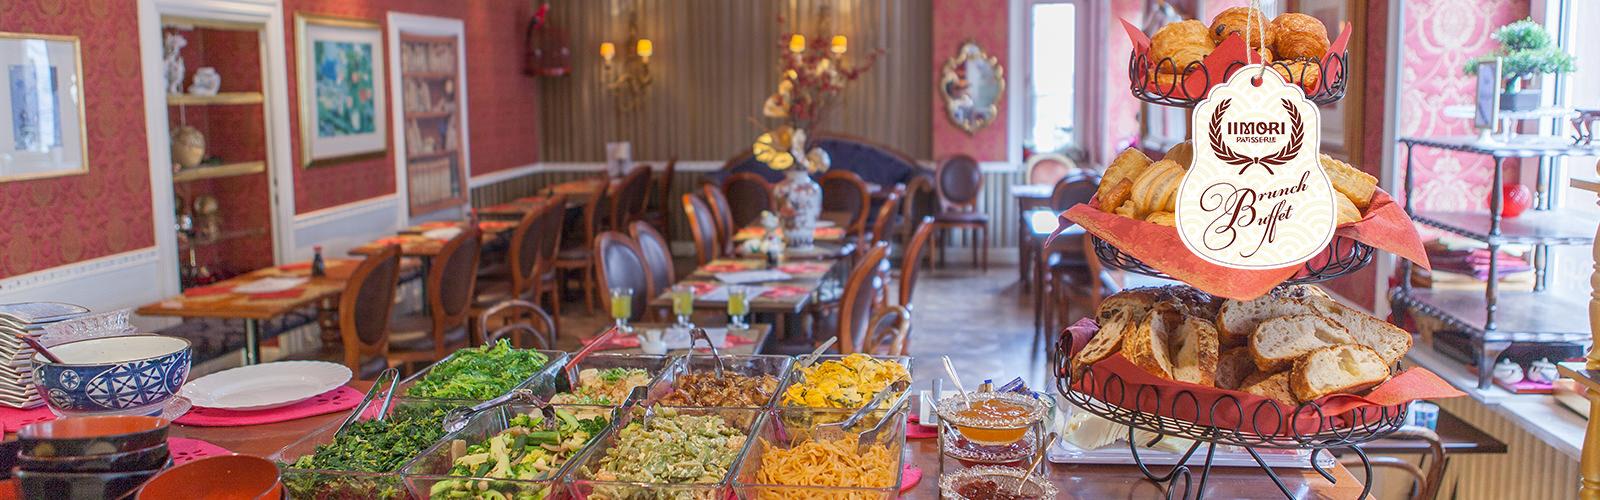 Awe Inspiring Iimori Patisserie Cafe Japanisches Restaurant In Der Download Free Architecture Designs Viewormadebymaigaardcom